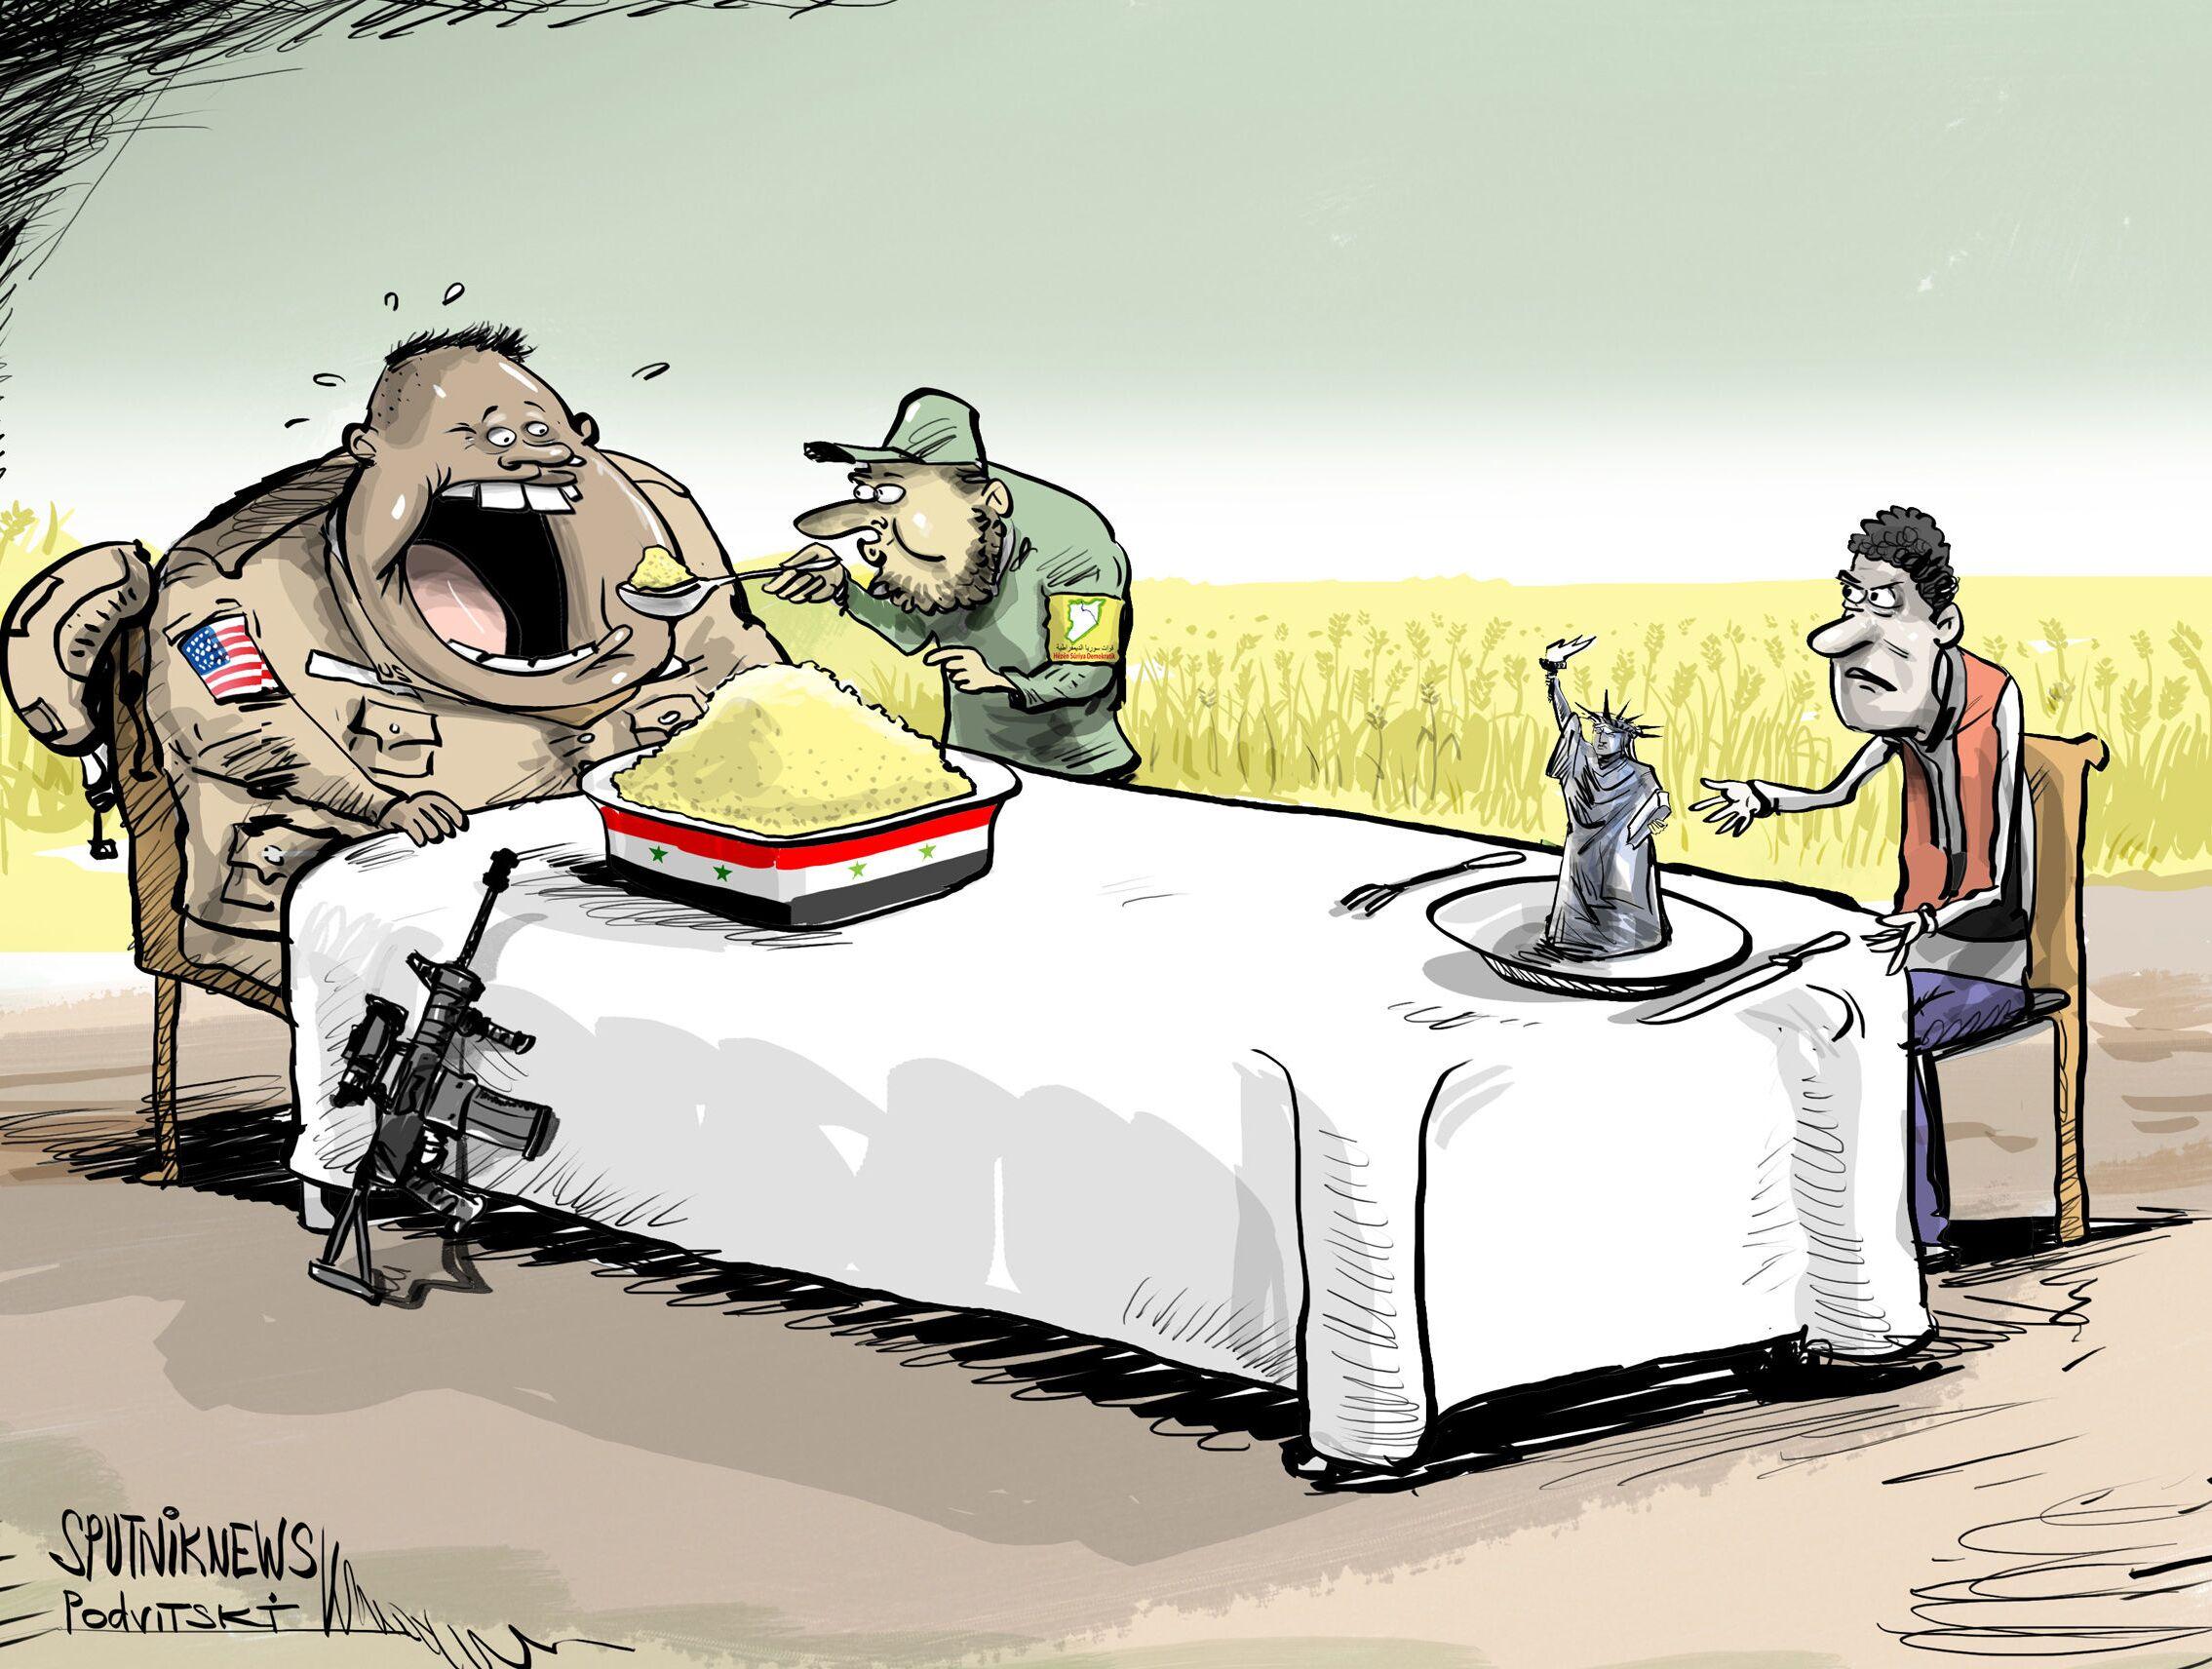 أصبحت الديموقراطية الآن تسرق طعام السوريين